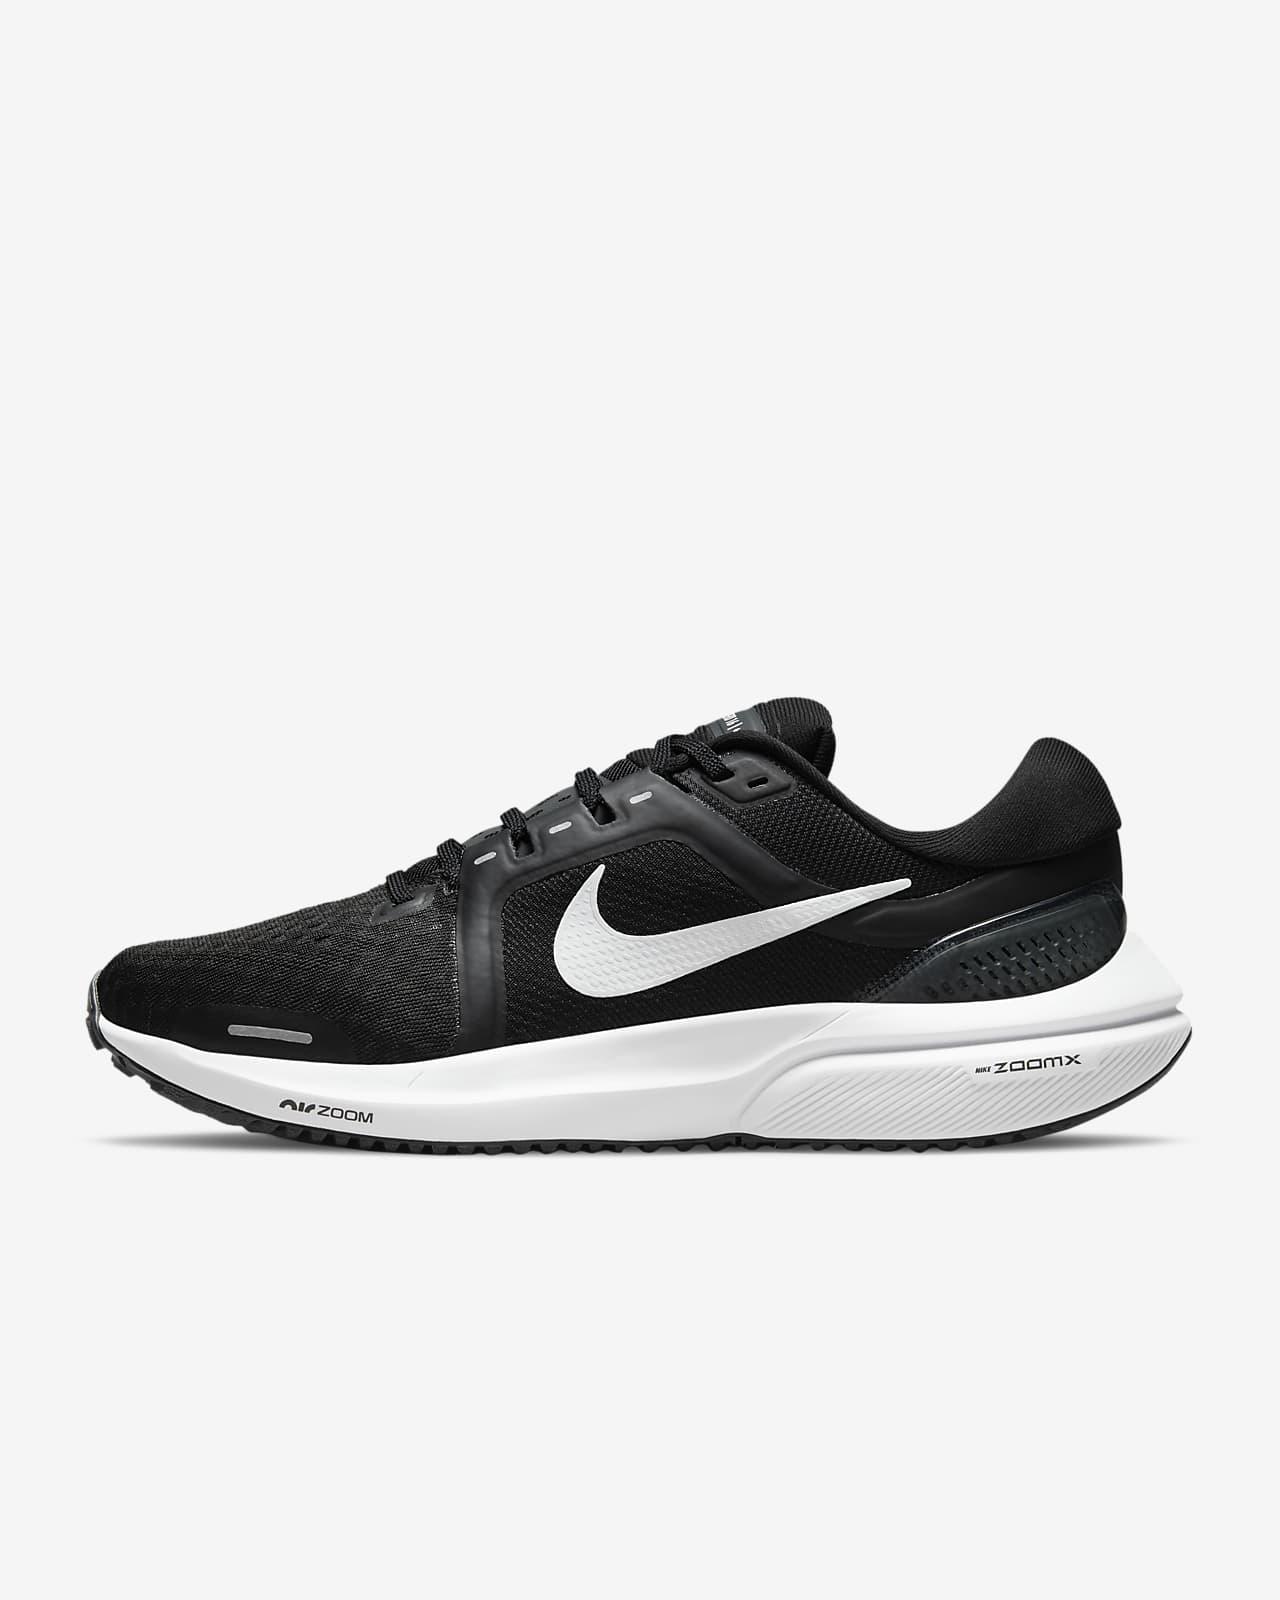 Nike Air Zoom Vomero 16 Damen-Straßenlaufschuh